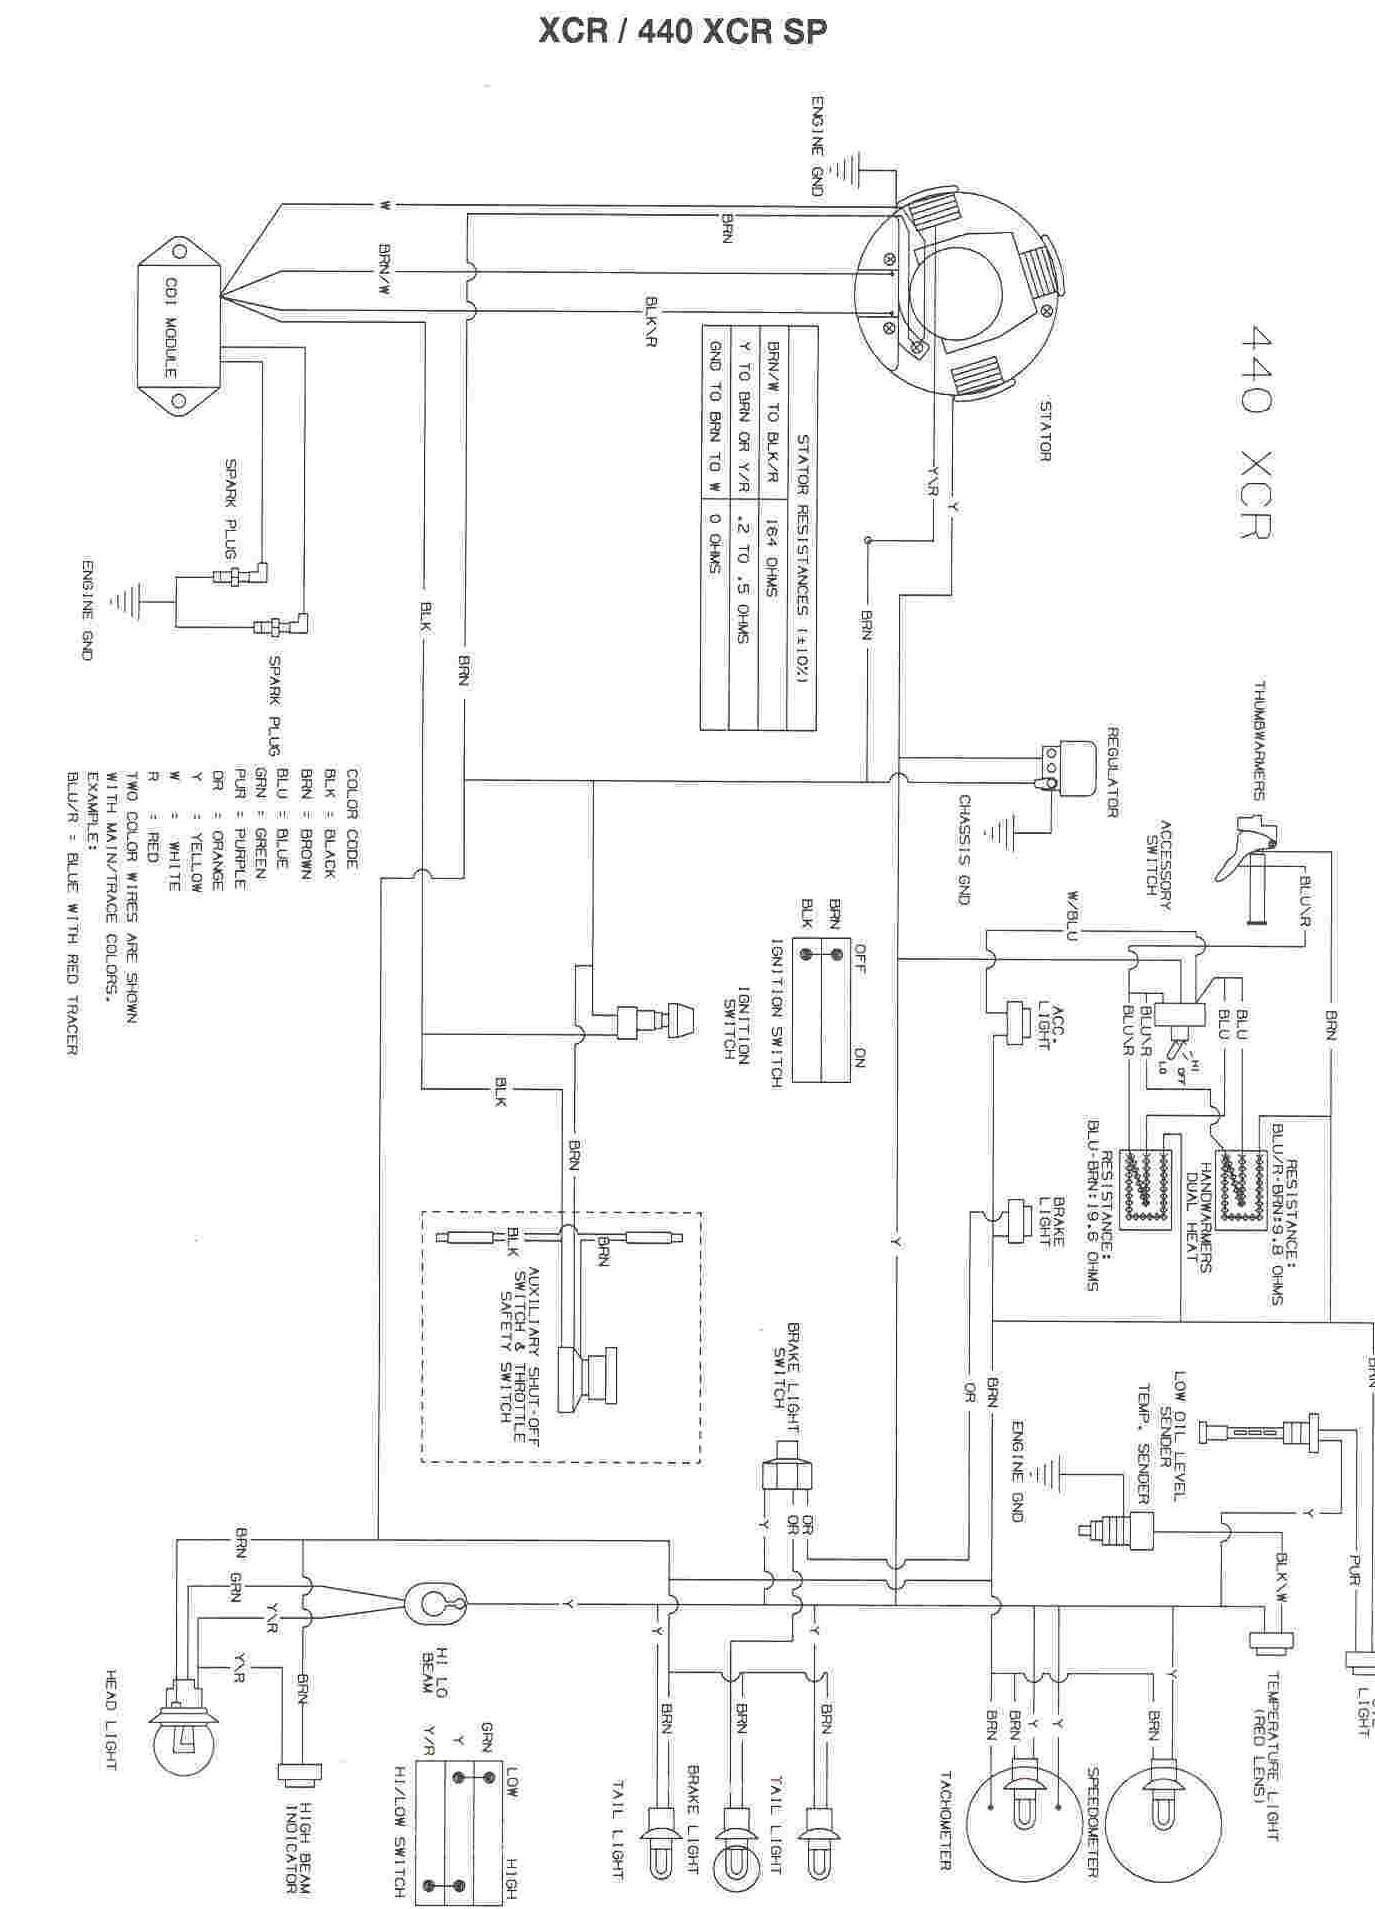 Harley Accessory Plug Wiring Diagram. . Wiring Diagram on